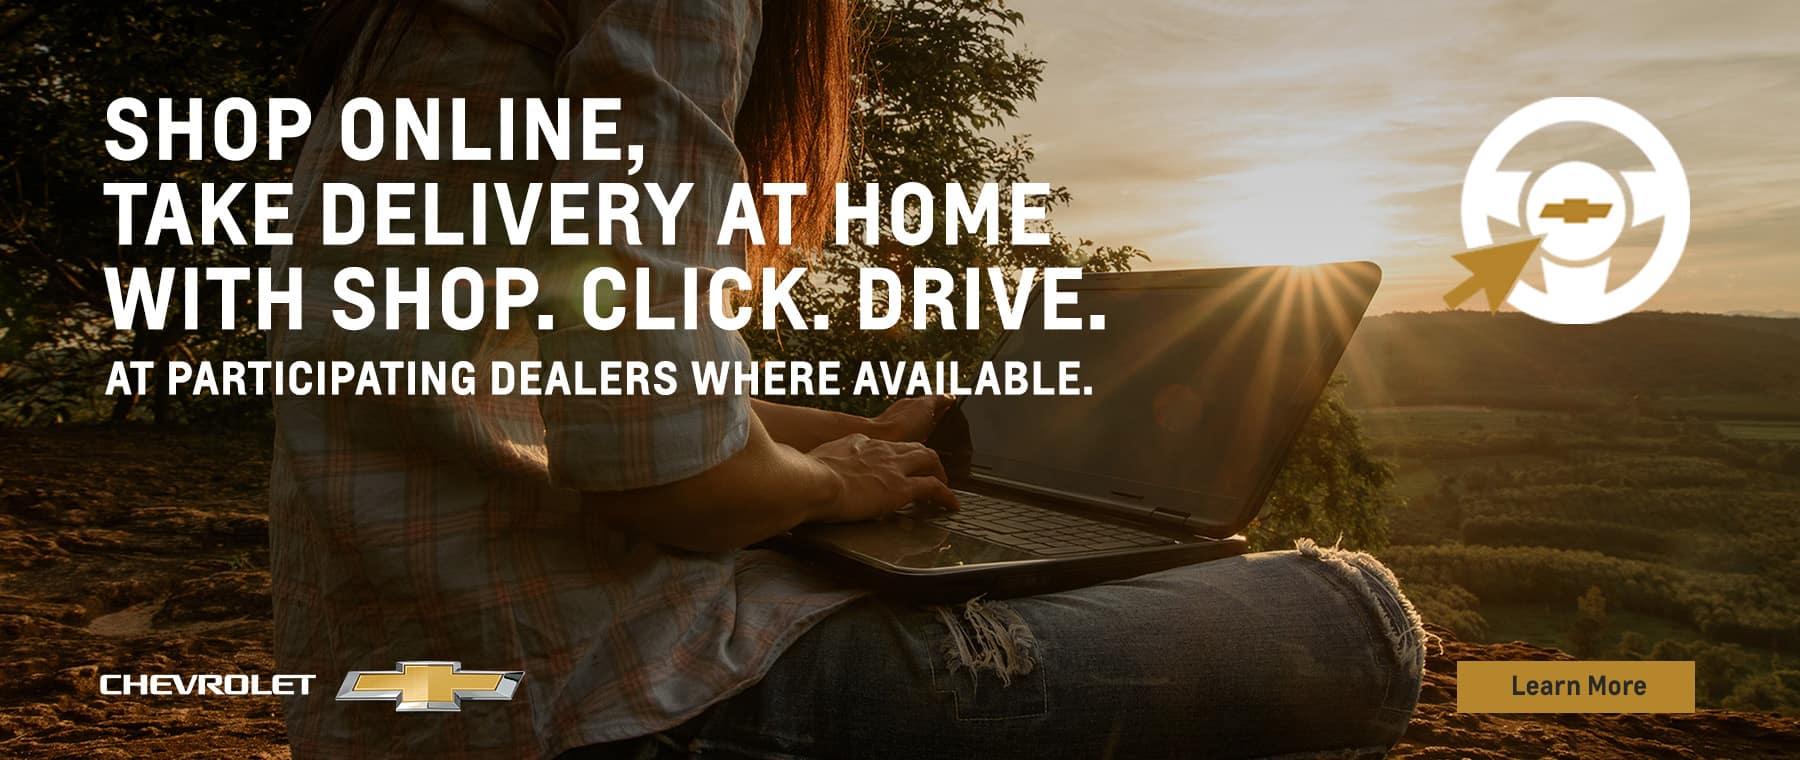 Shop online with Shop, Click, Drive